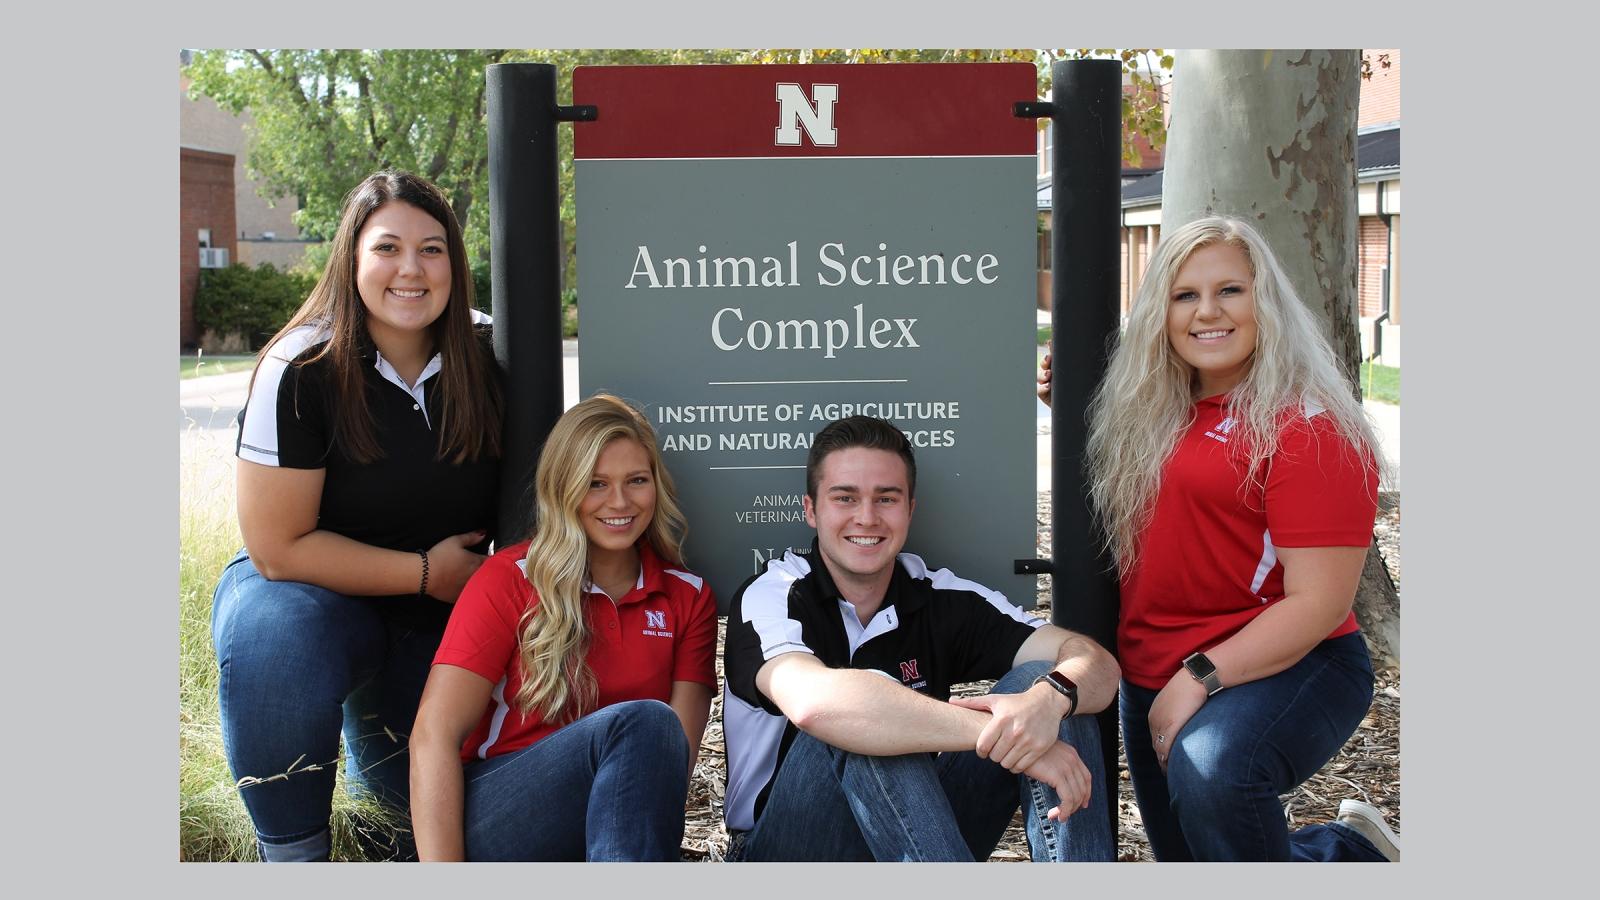 Four Animal Science Ambassadors pose around the animal science sign.